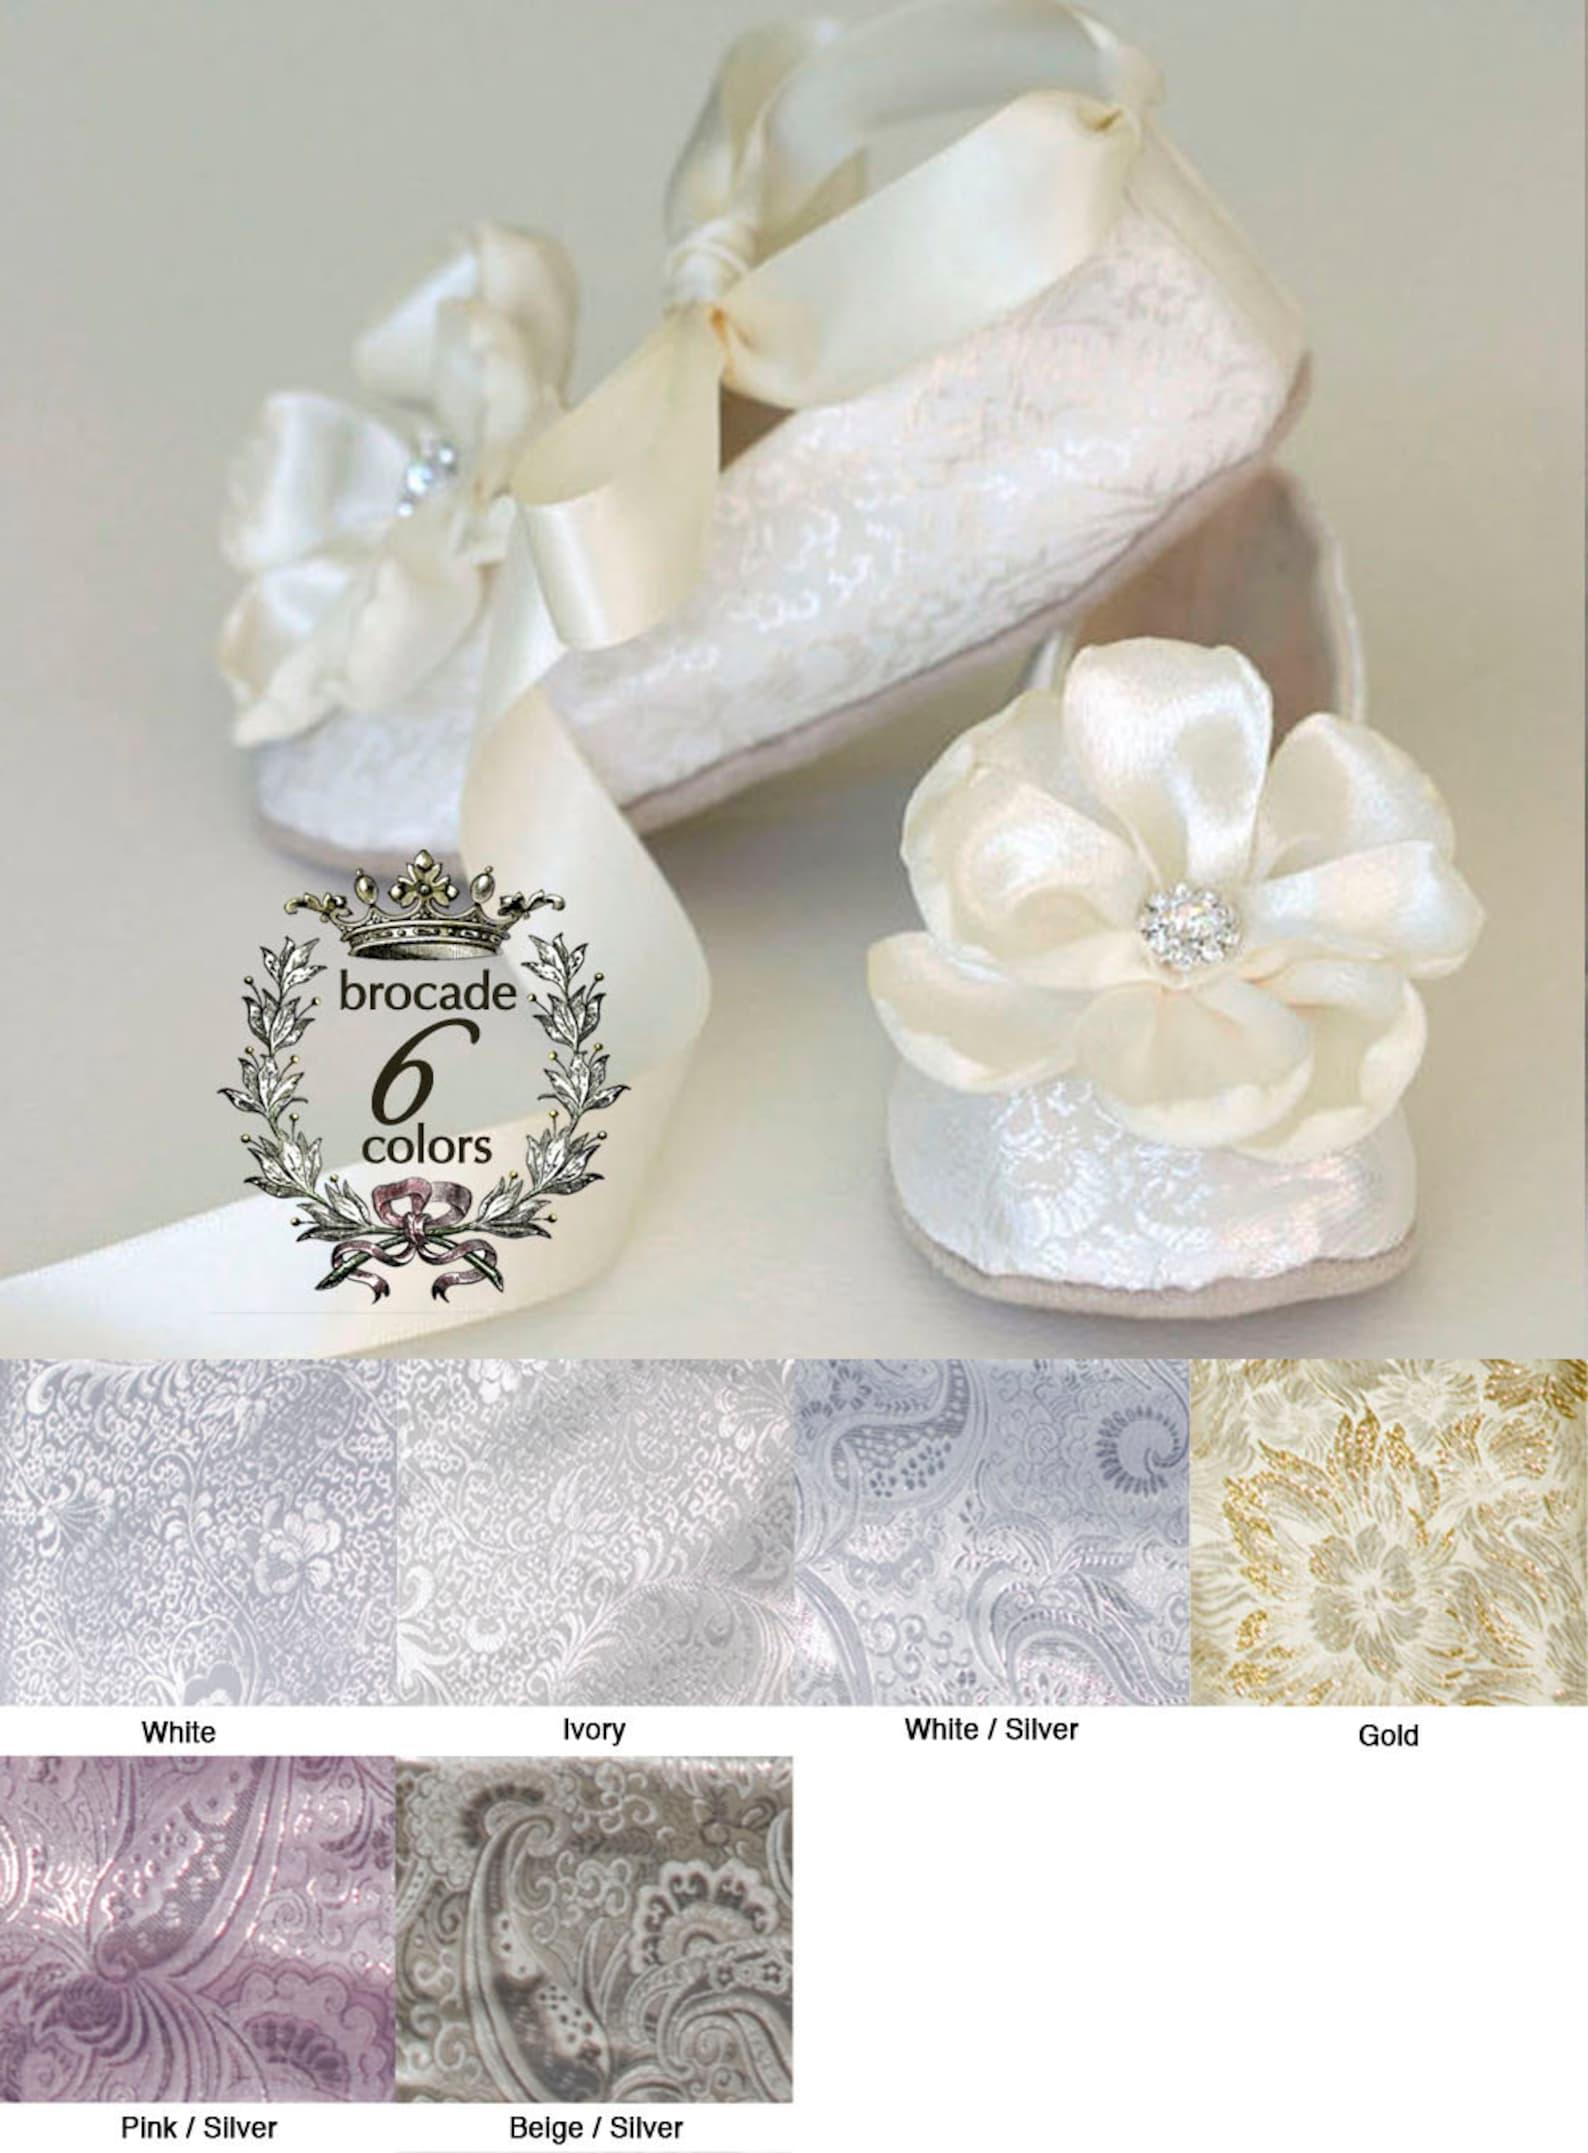 ivory brocade toddler flower girl shoe - flower girl, wedding ballet slipper - ivory, gold, silver, white available - baby souls